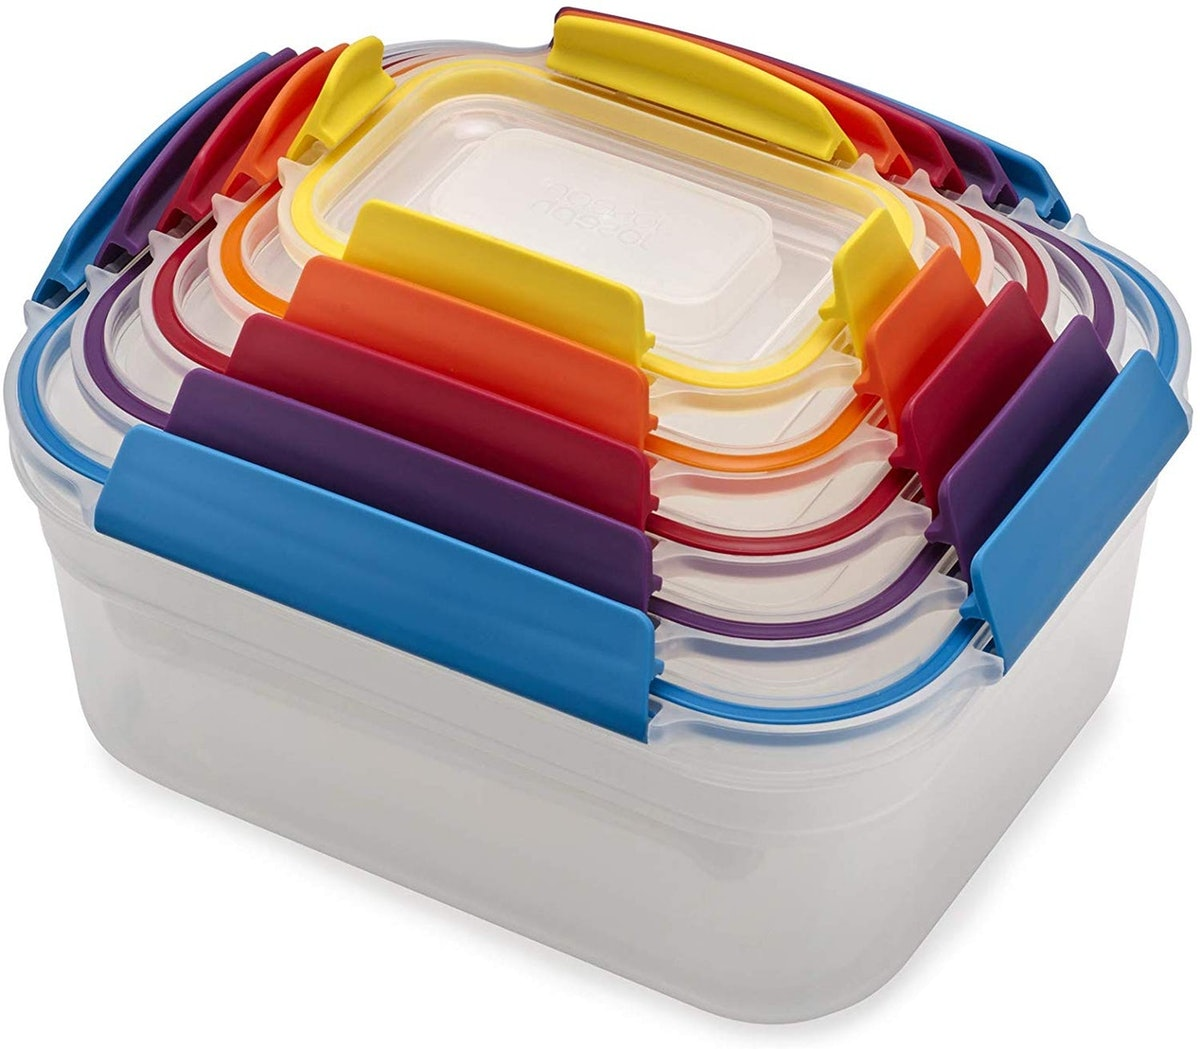 Joseph Joseph Nest Lock Plastic Storage Container Set (10 Pieces)